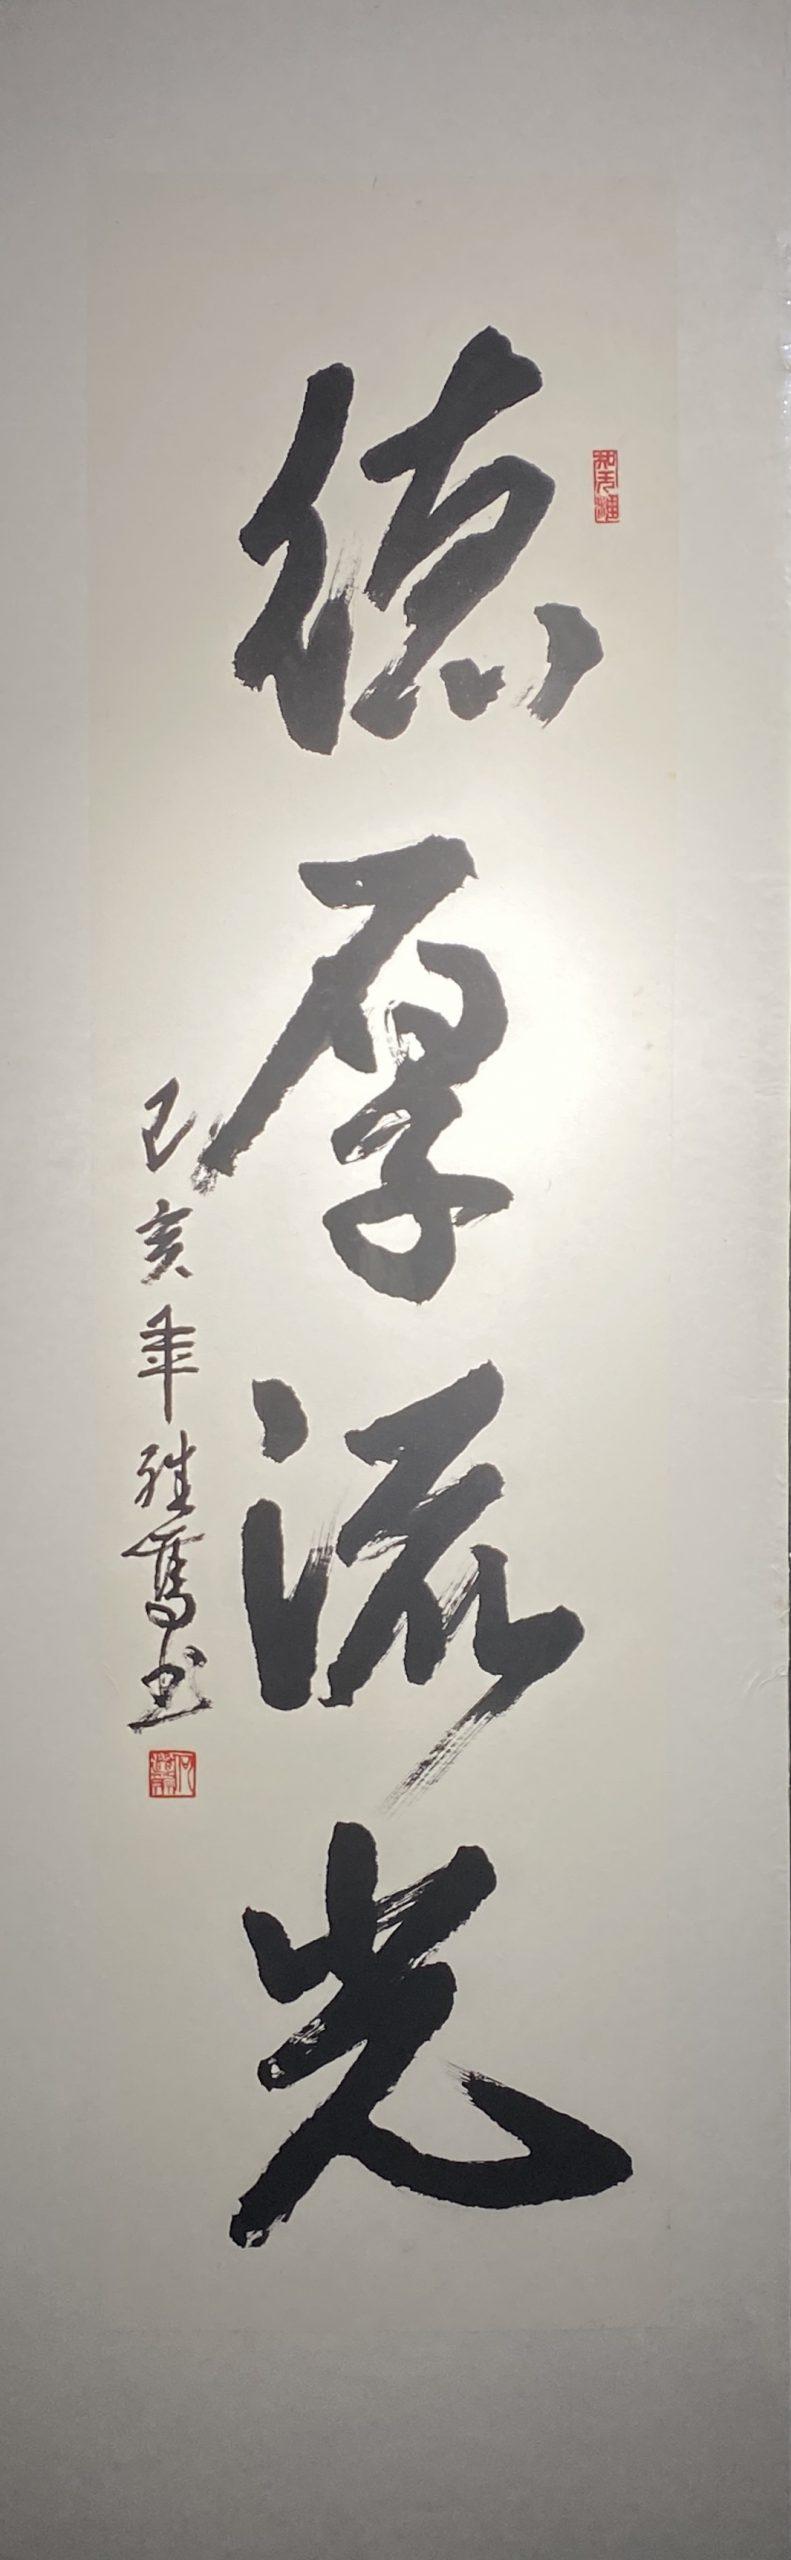 徳厚流光-2019-書-180×49cm-「丹青を振りかけ、詩情を送る-何継篤個人書画展」成都市美術館